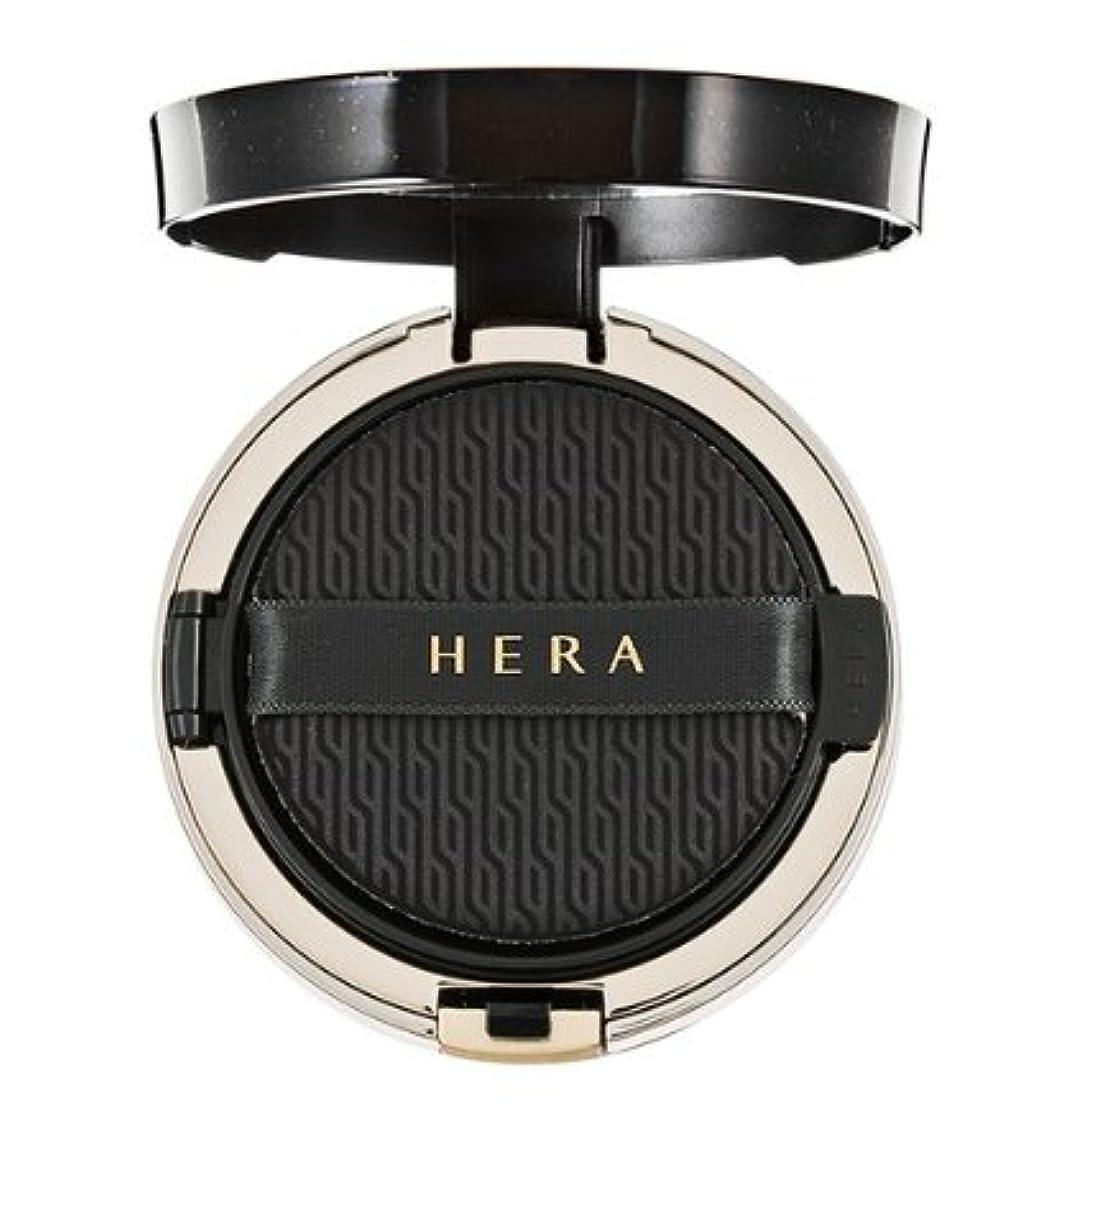 完璧なベンチャーギャラントリー(ヘラ) Hera ブラッククッション SPF34/PA++ 本品15g+リフィール15g / Black Cushion SPF34/PA++ 15g+Refil15g (No.21 banila) (韓国直発送) shumaman